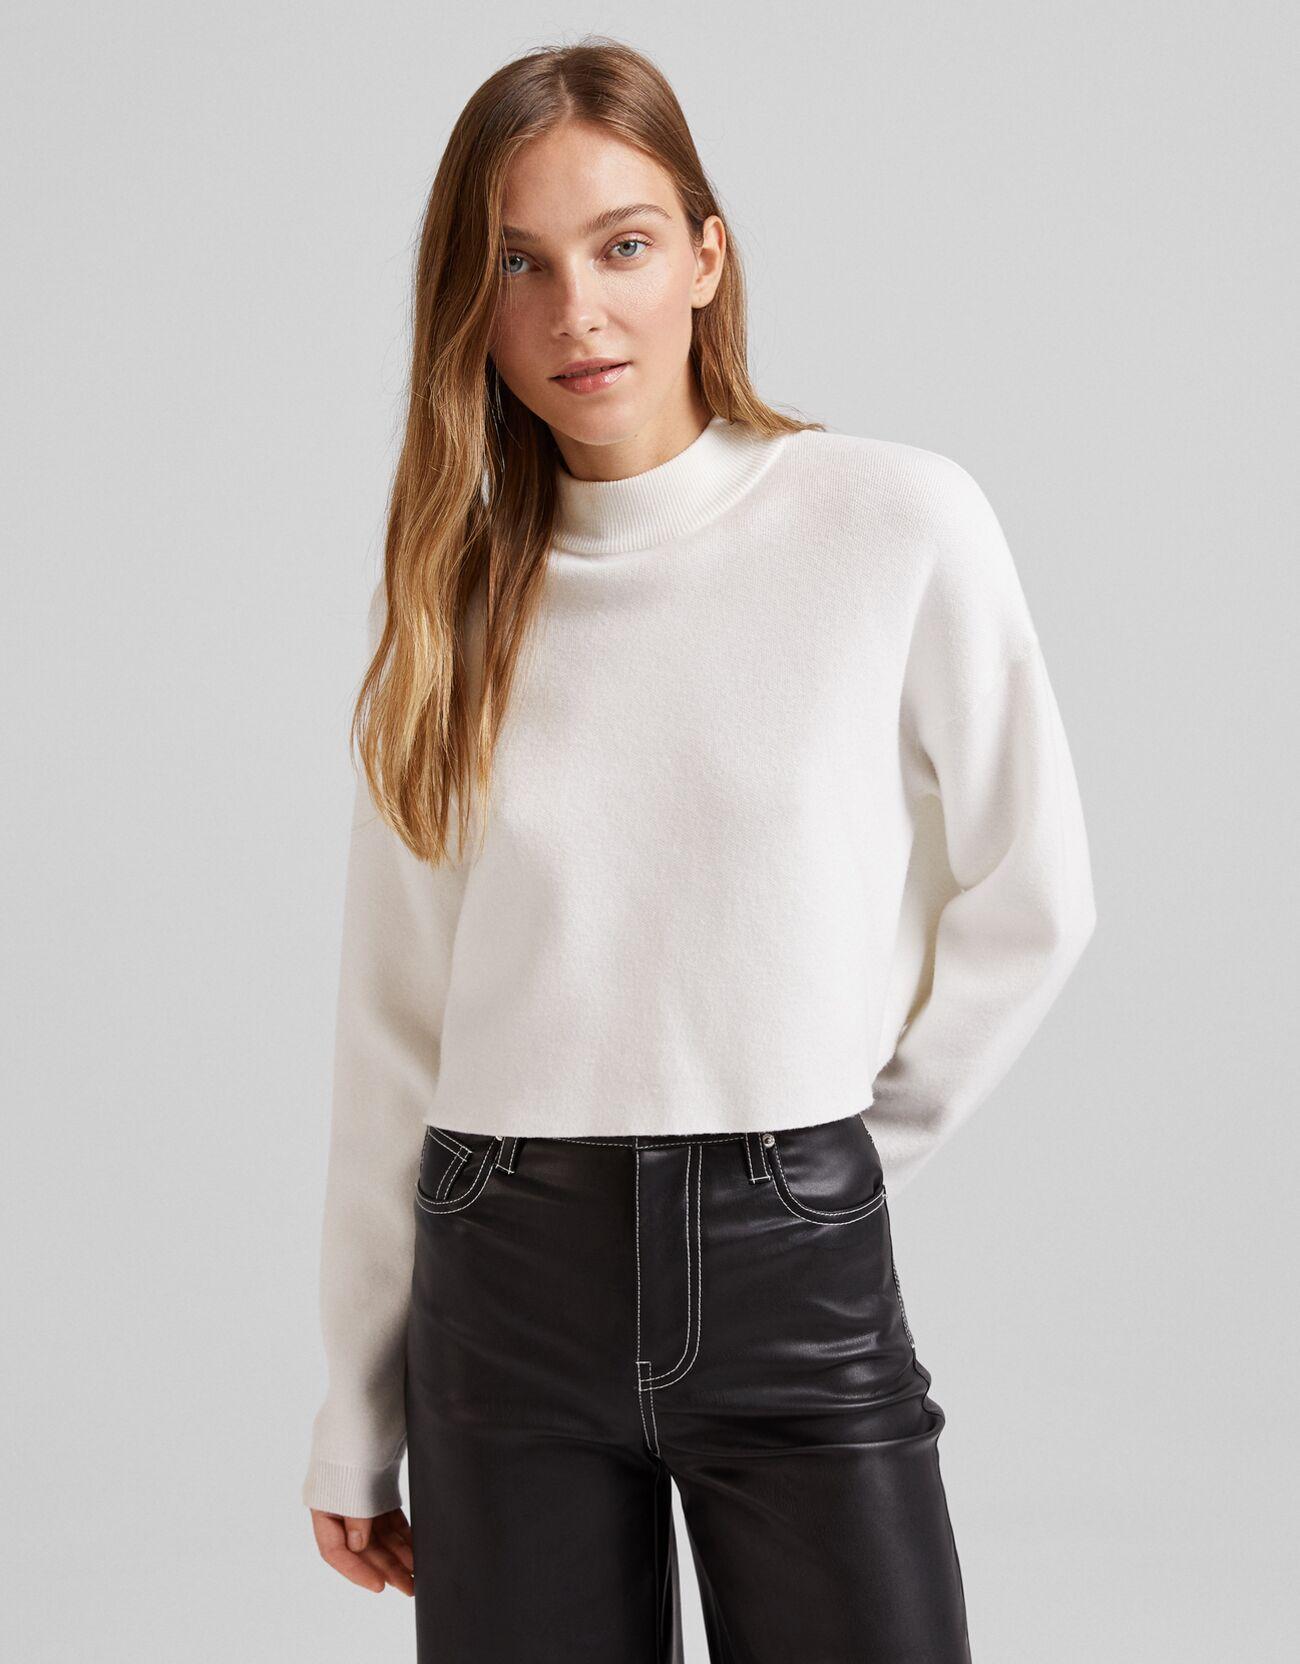 Укороченный свитер с высоким воротником Белый Bershka